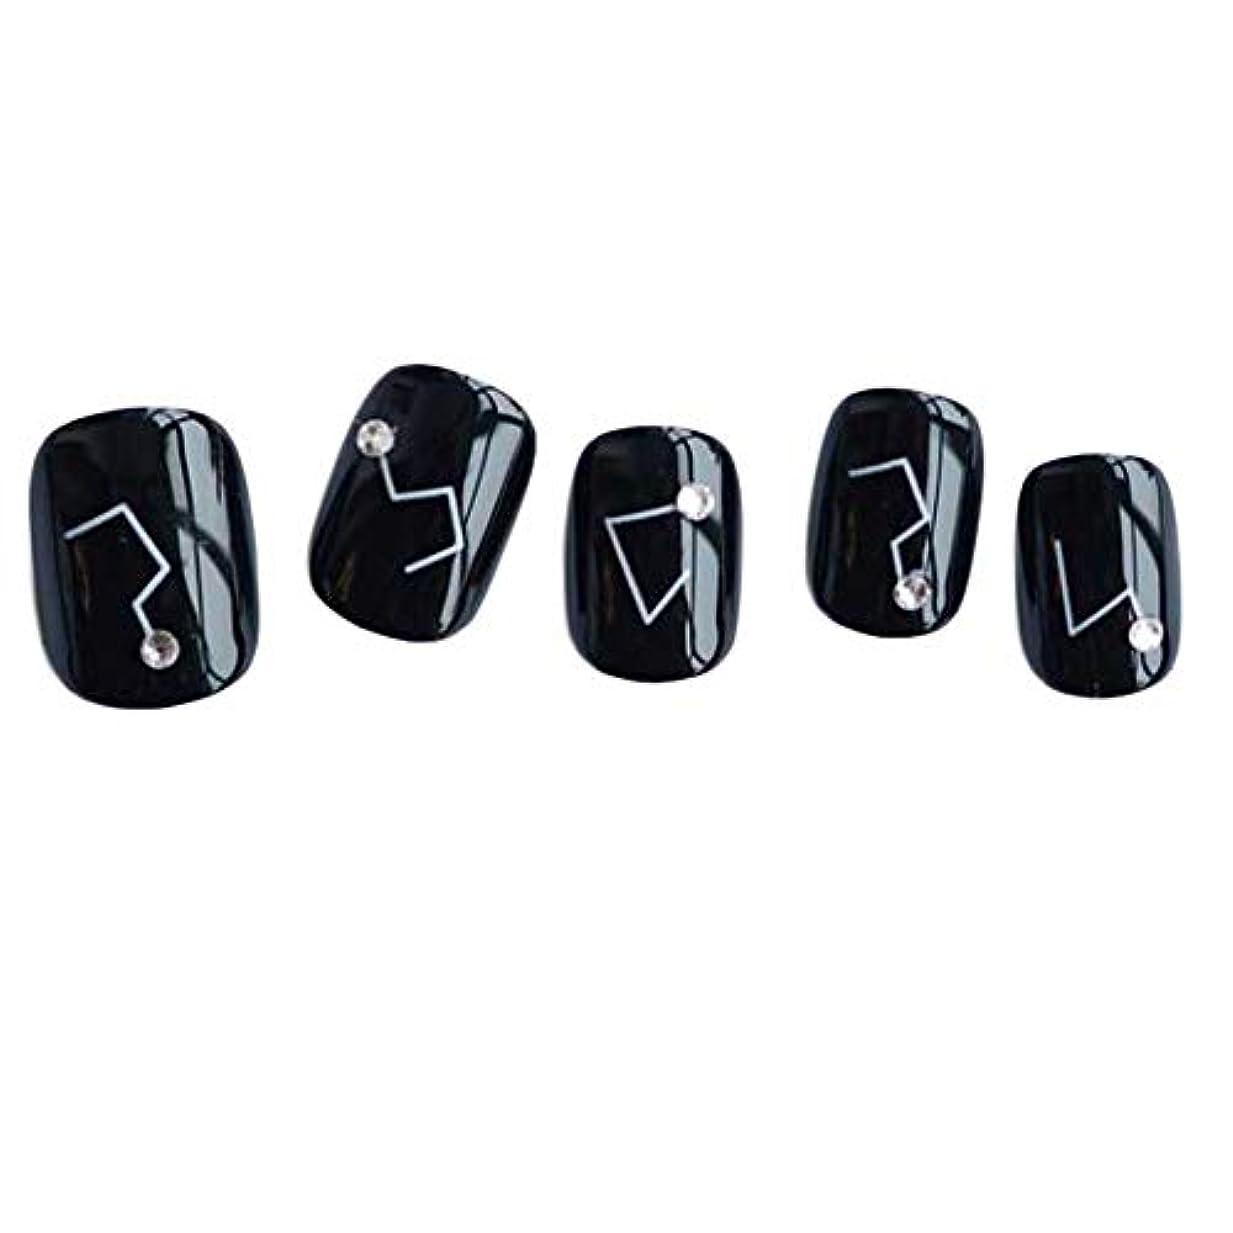 襲撃キャリア梨星座 - 黒い短い偽の指爪人工爪の装飾の爪のヒント